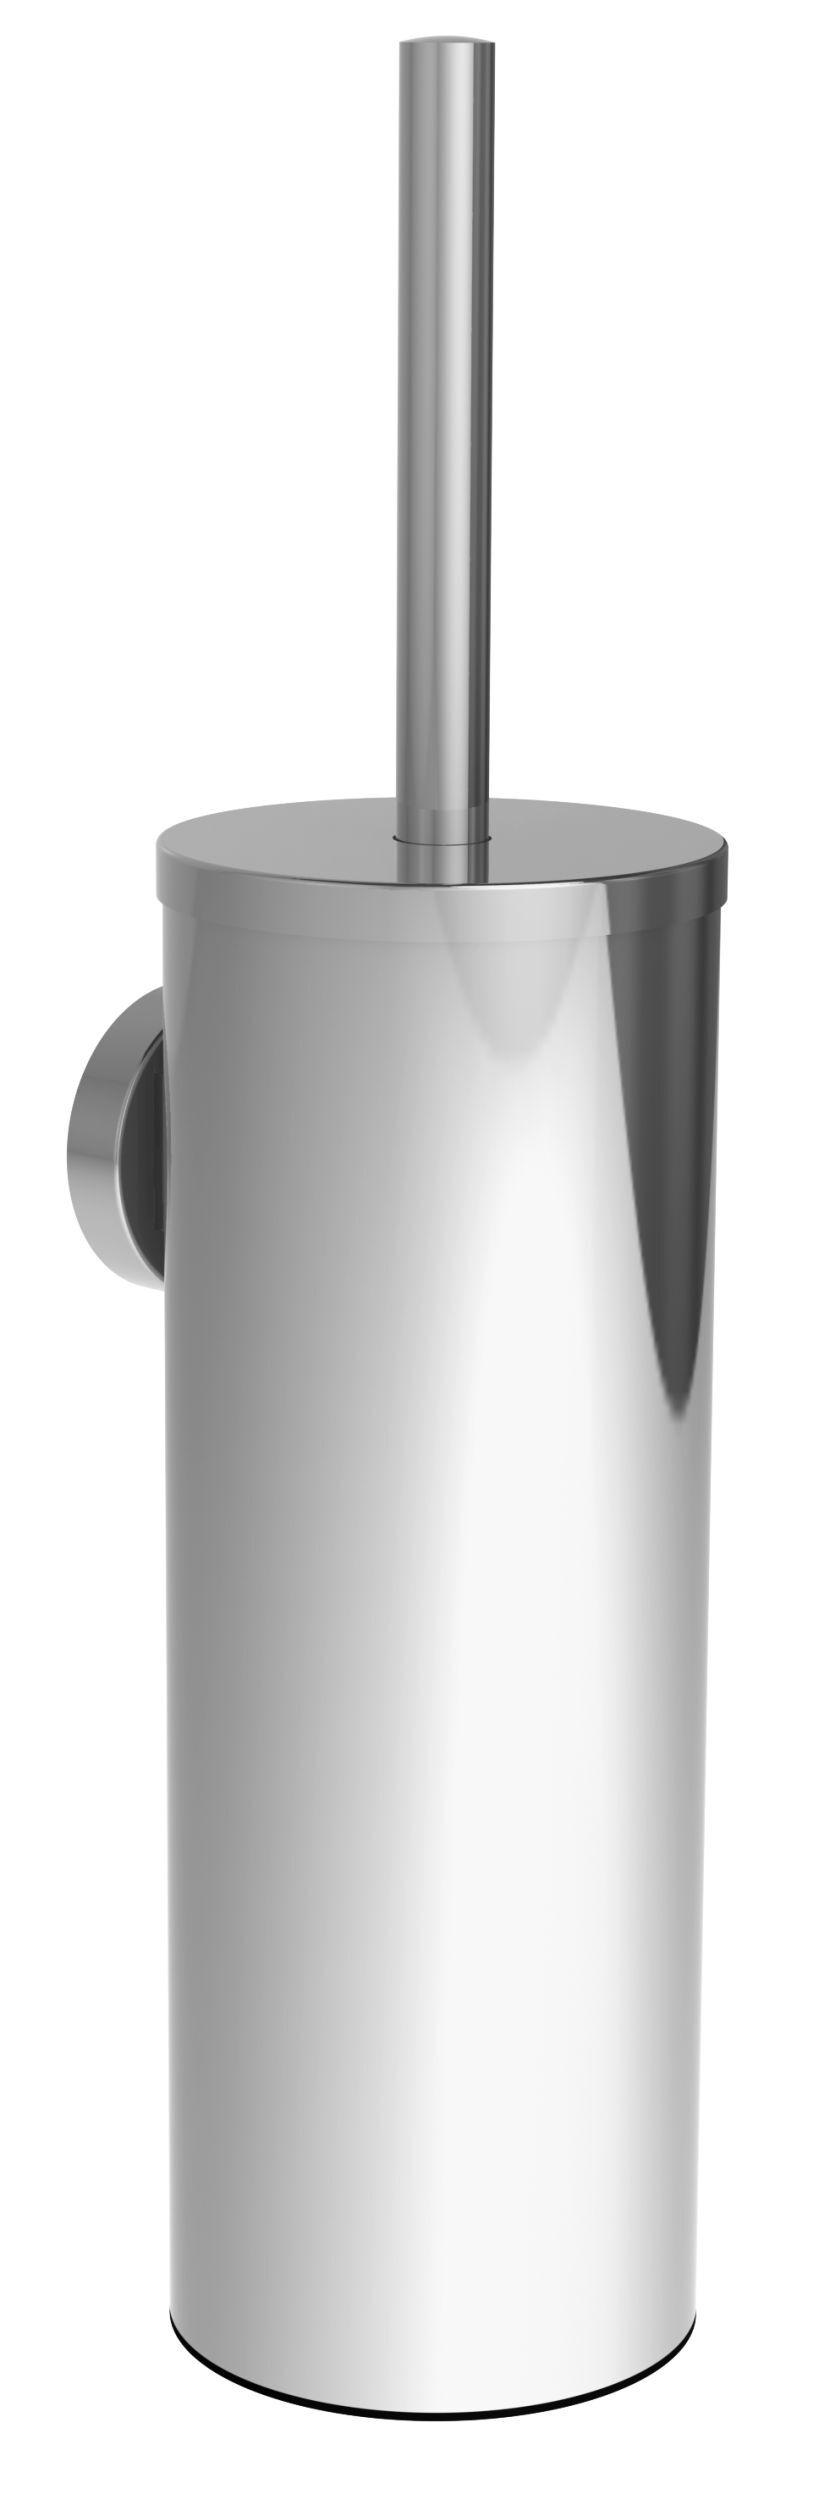 Allibert Brosse WC chrome brillant à fixer